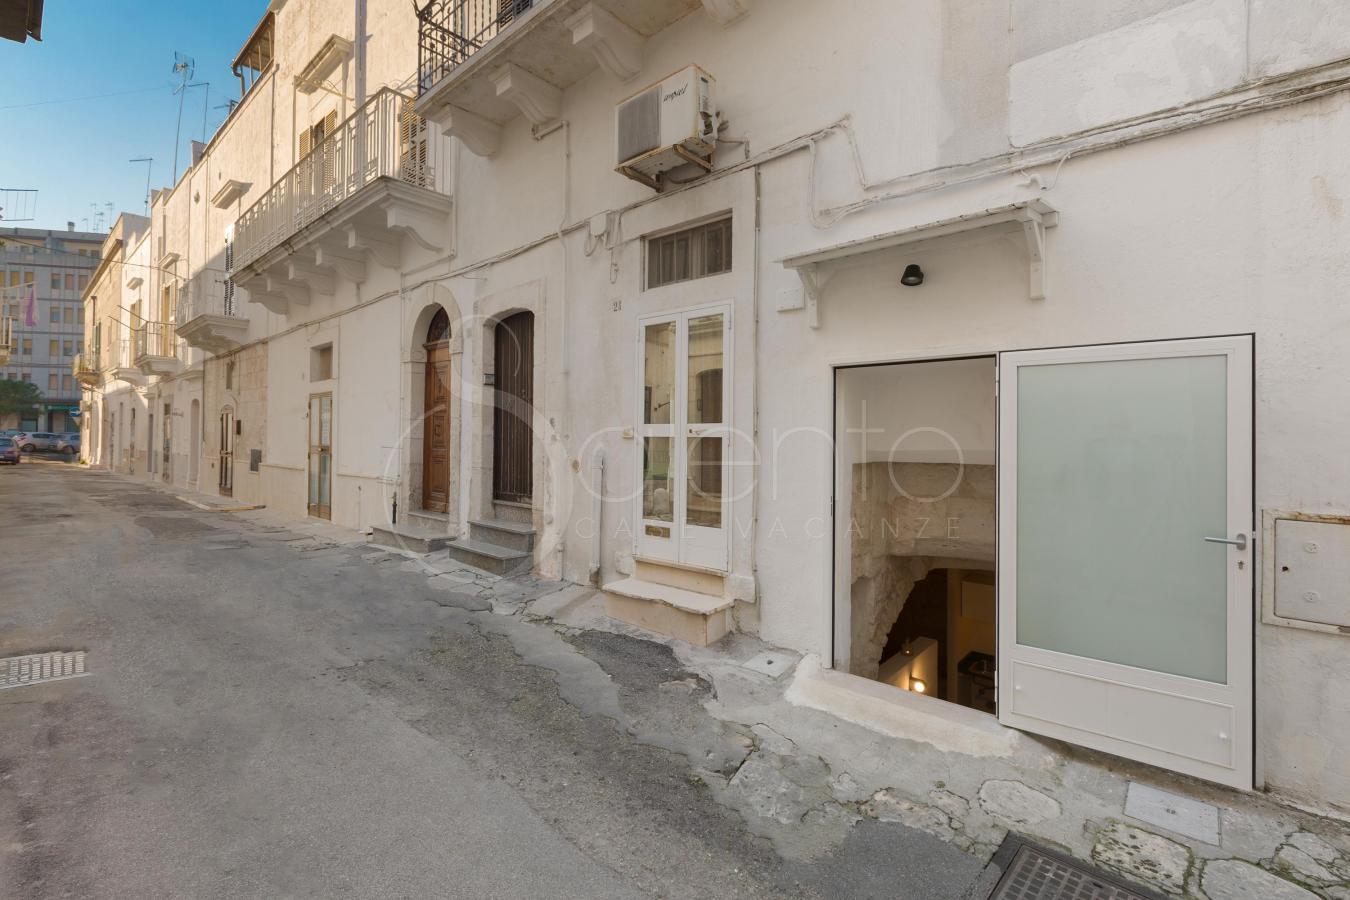 Casa con vasca idromassaggio e cromoterapia nel centro - Casa baldassarre ostuni ...